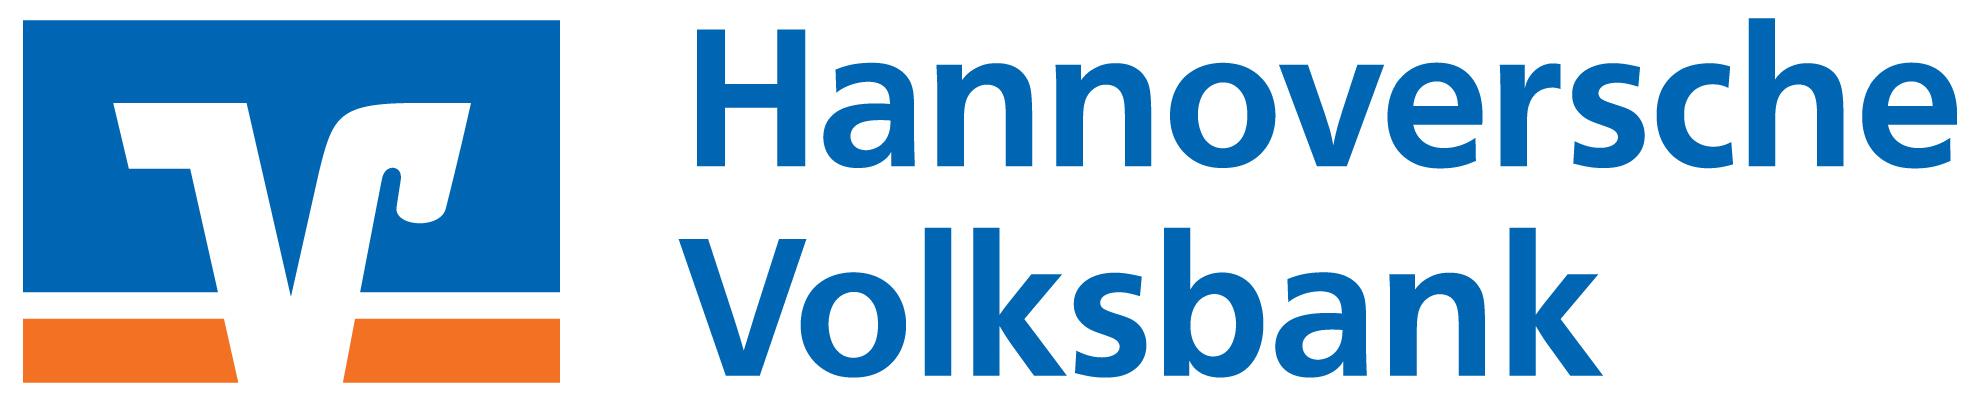 Hannoversche Volksbank eG SelbstbedienungsCenter Burgdorf (Center Carre / Edeka)